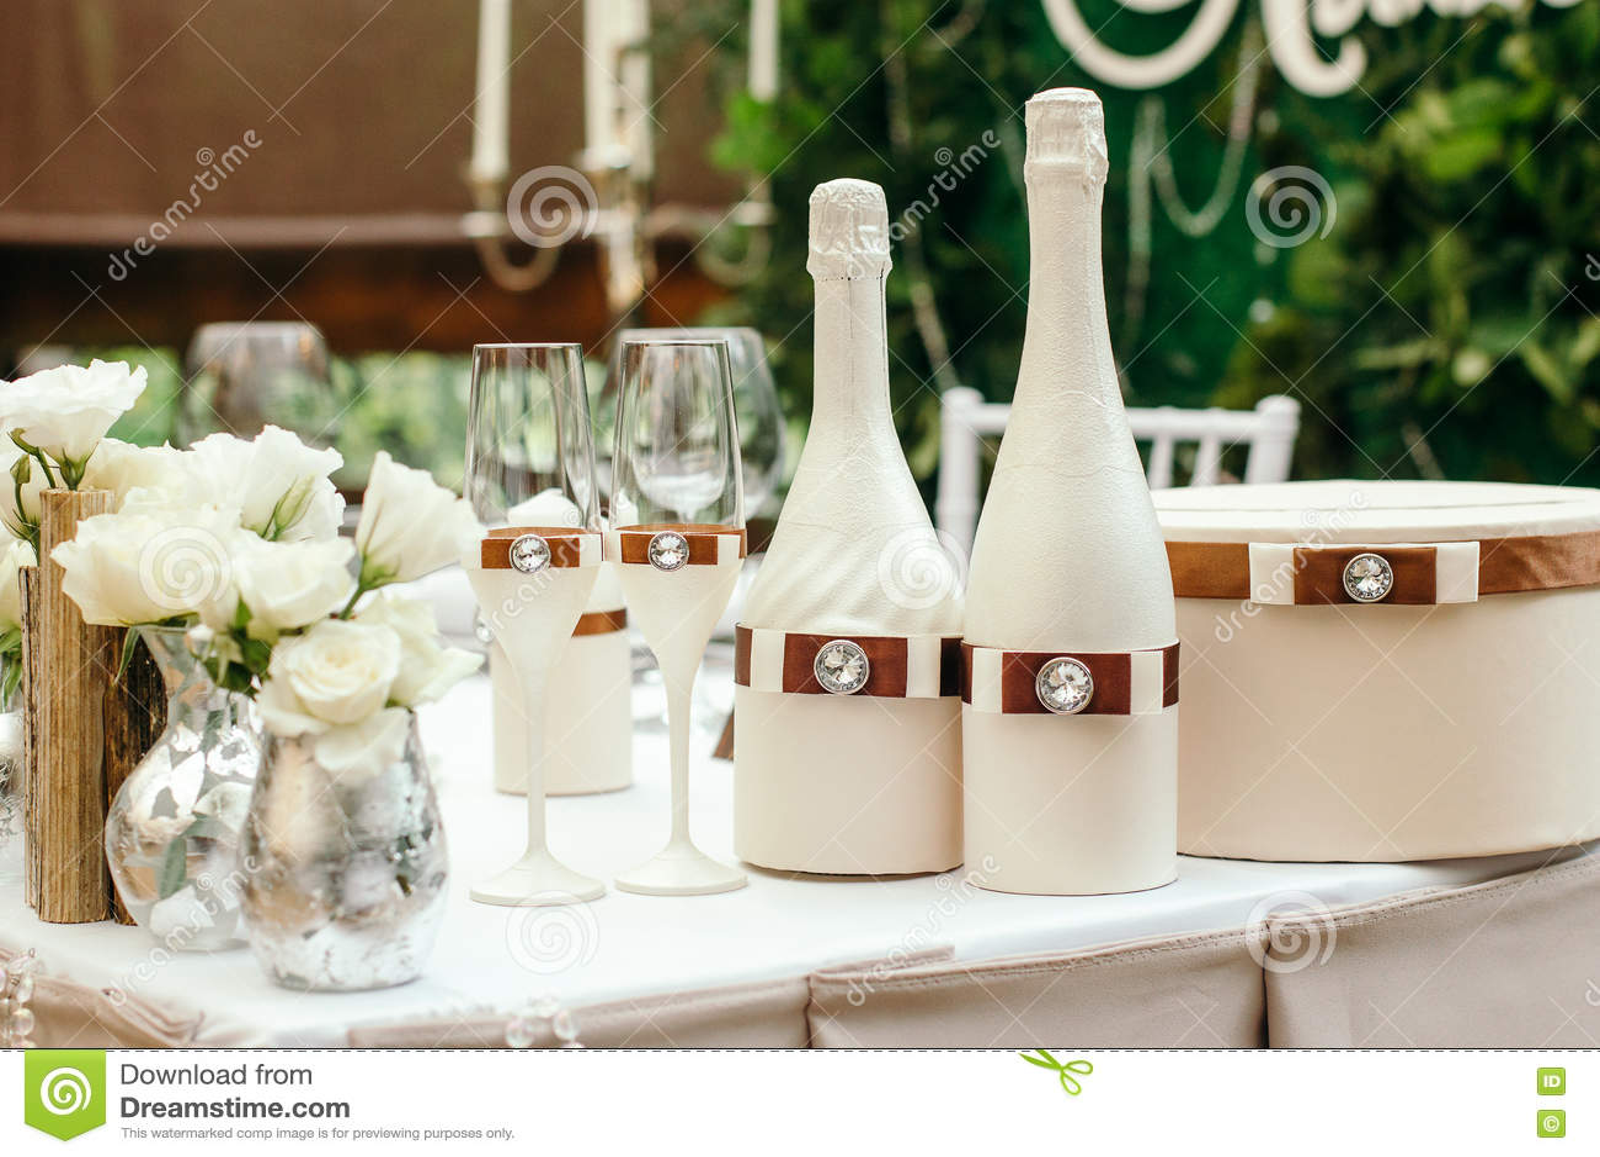 d coration en verre de beau mariage sur la table sur la table d cor e d 39 une bouteille de. Black Bedroom Furniture Sets. Home Design Ideas